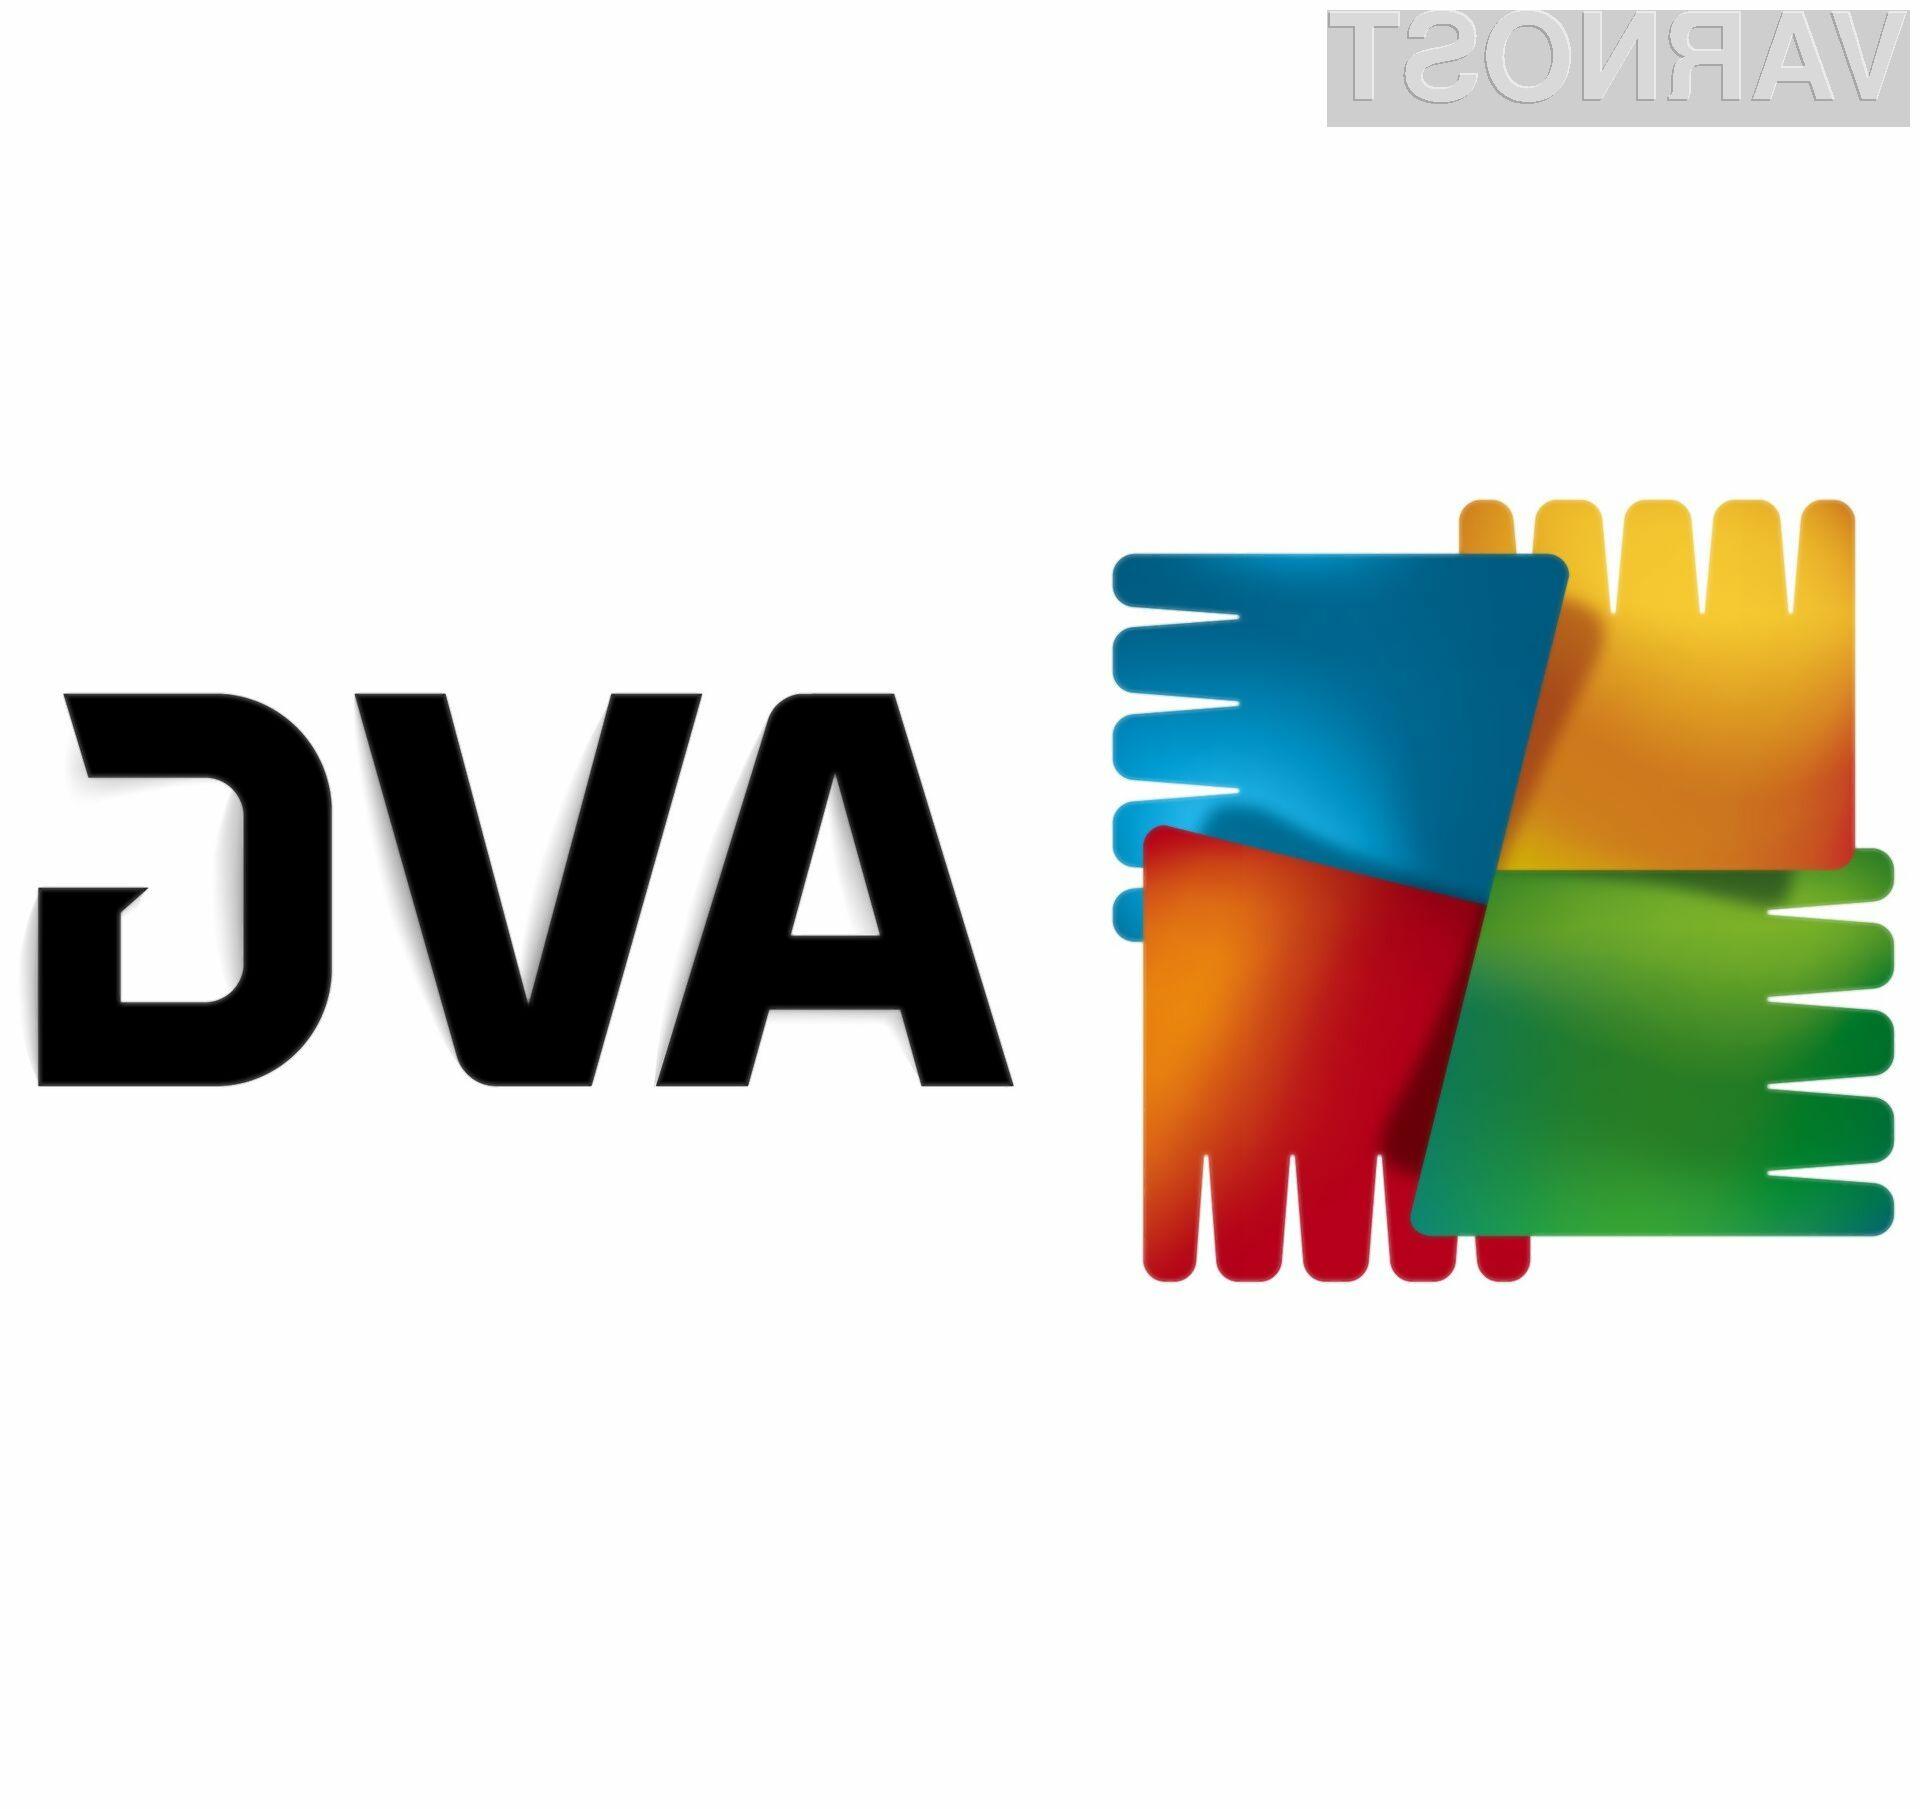 Programski hrošč varnostne rešitve AVG je med računalničarji povzročil veliko hude krvi!